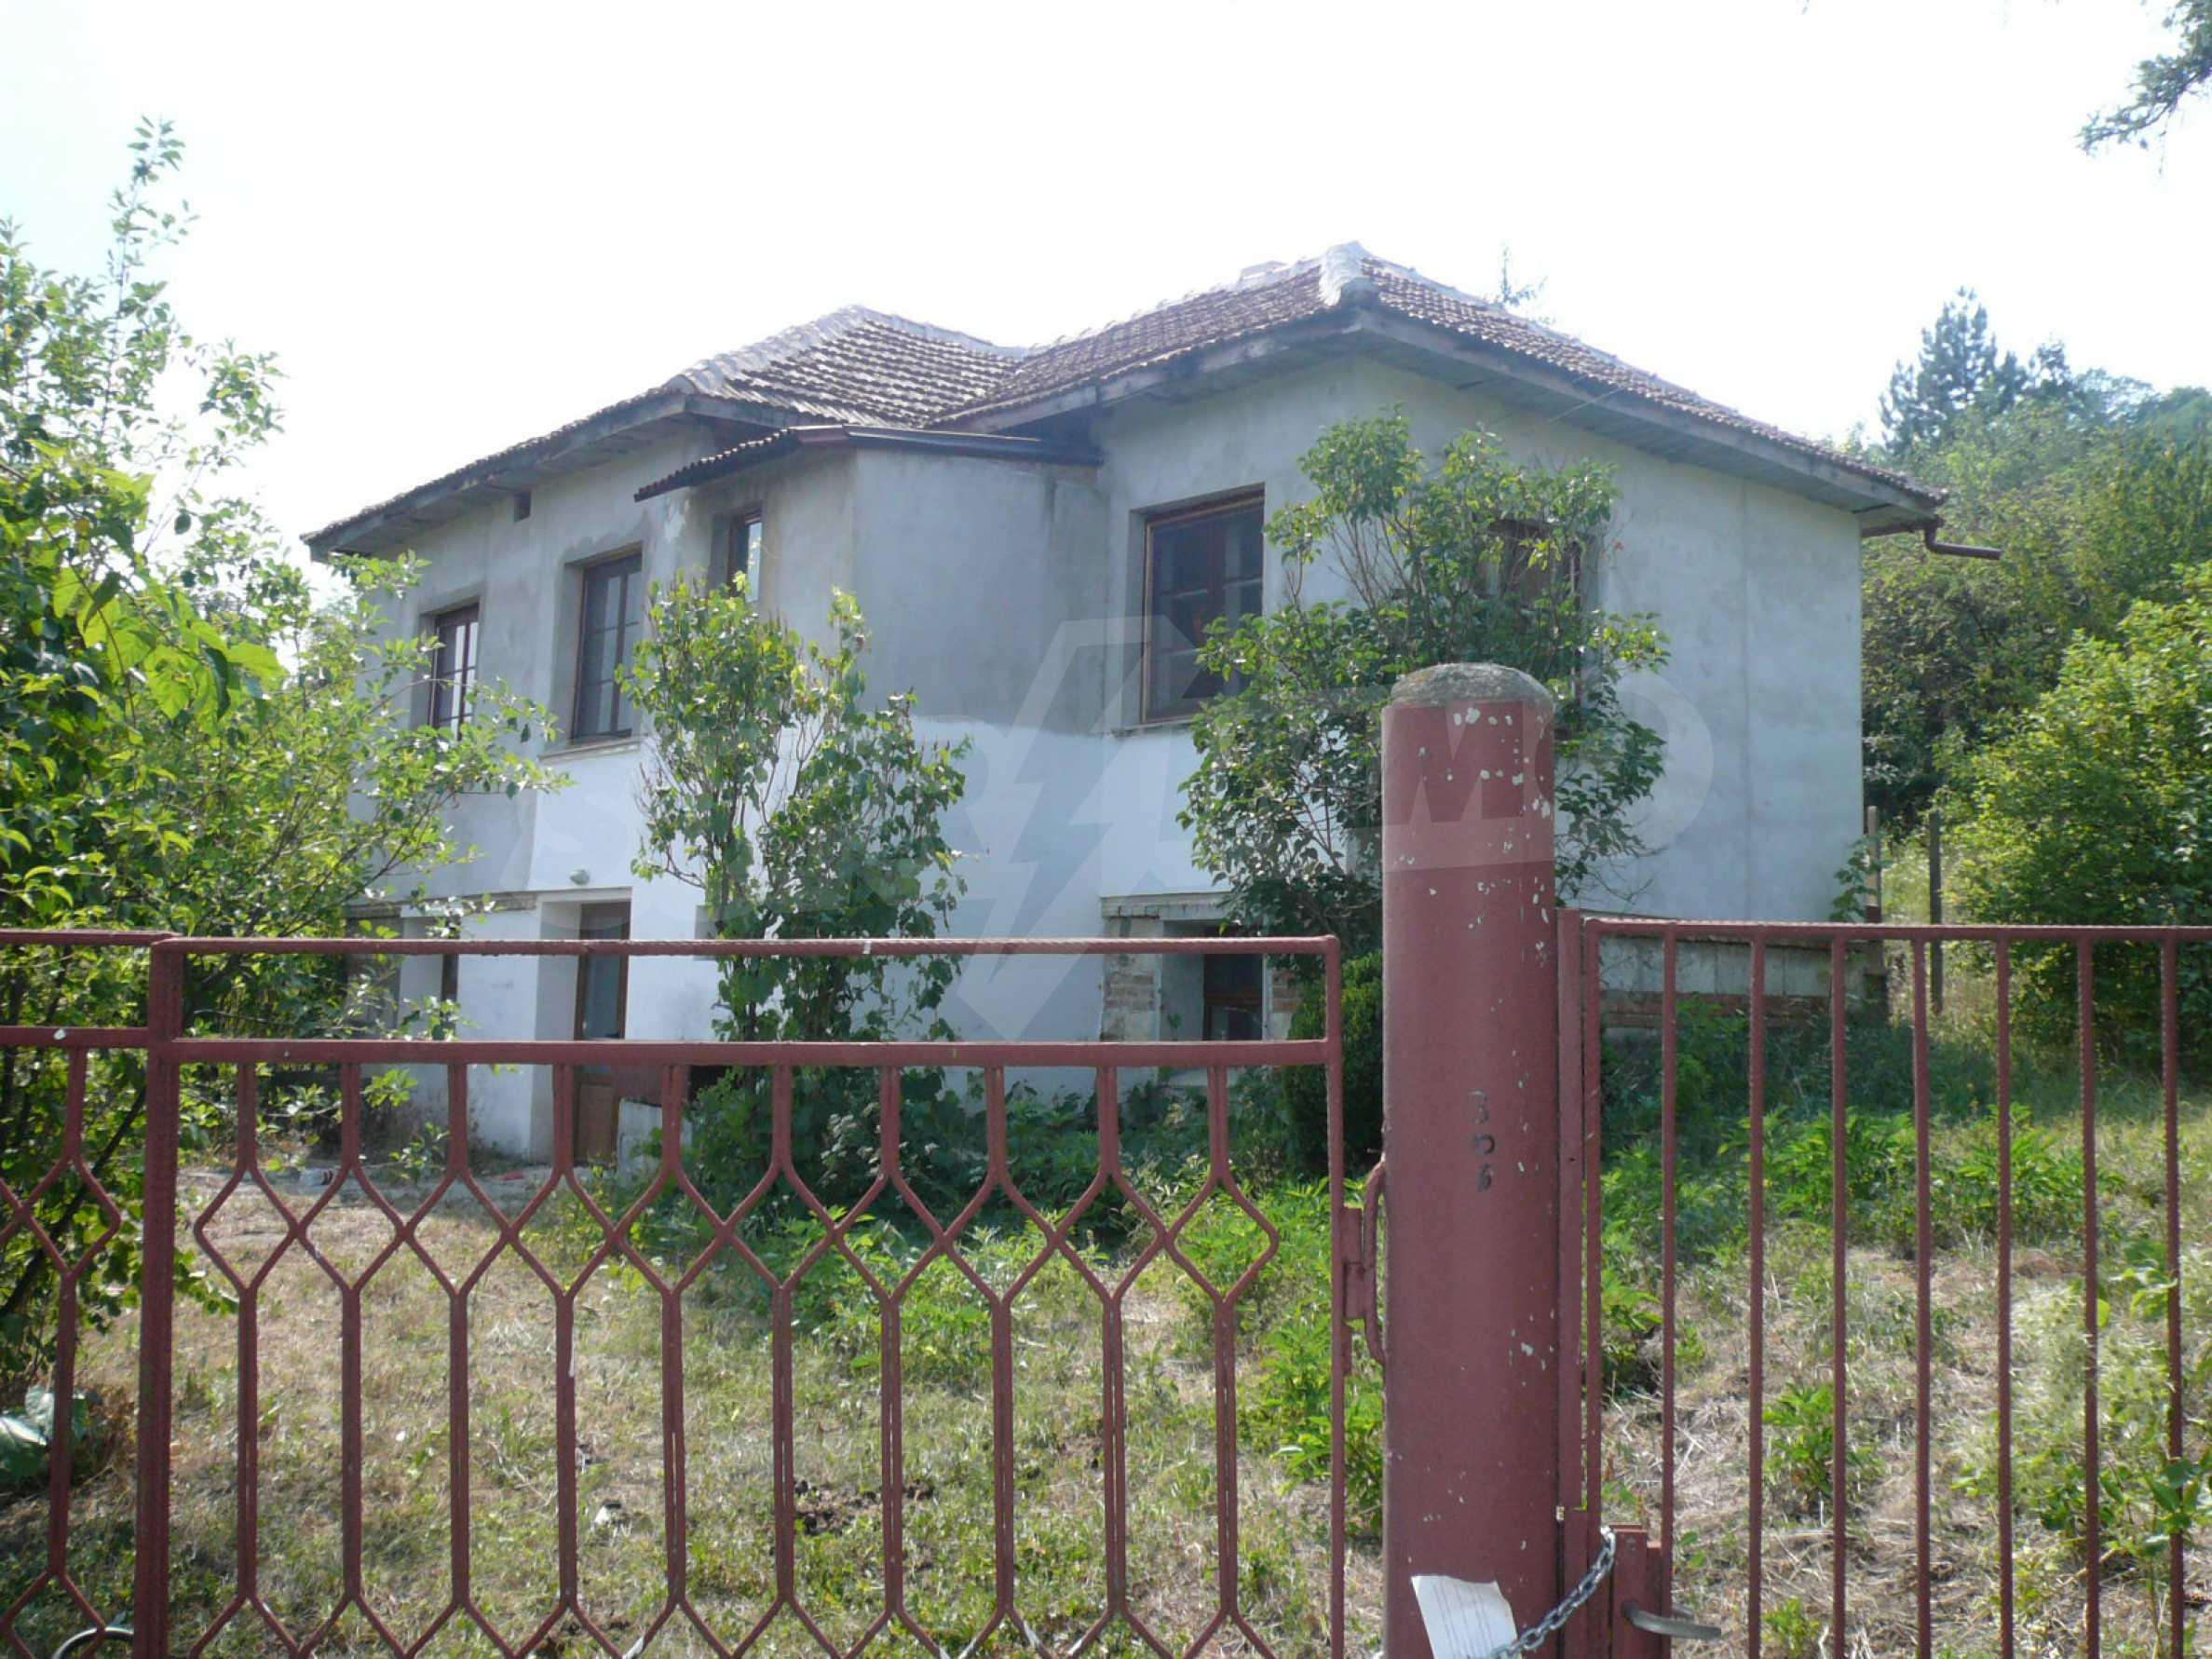 Отремонтированный домик в маленьком селе, недалеко от г. Видин